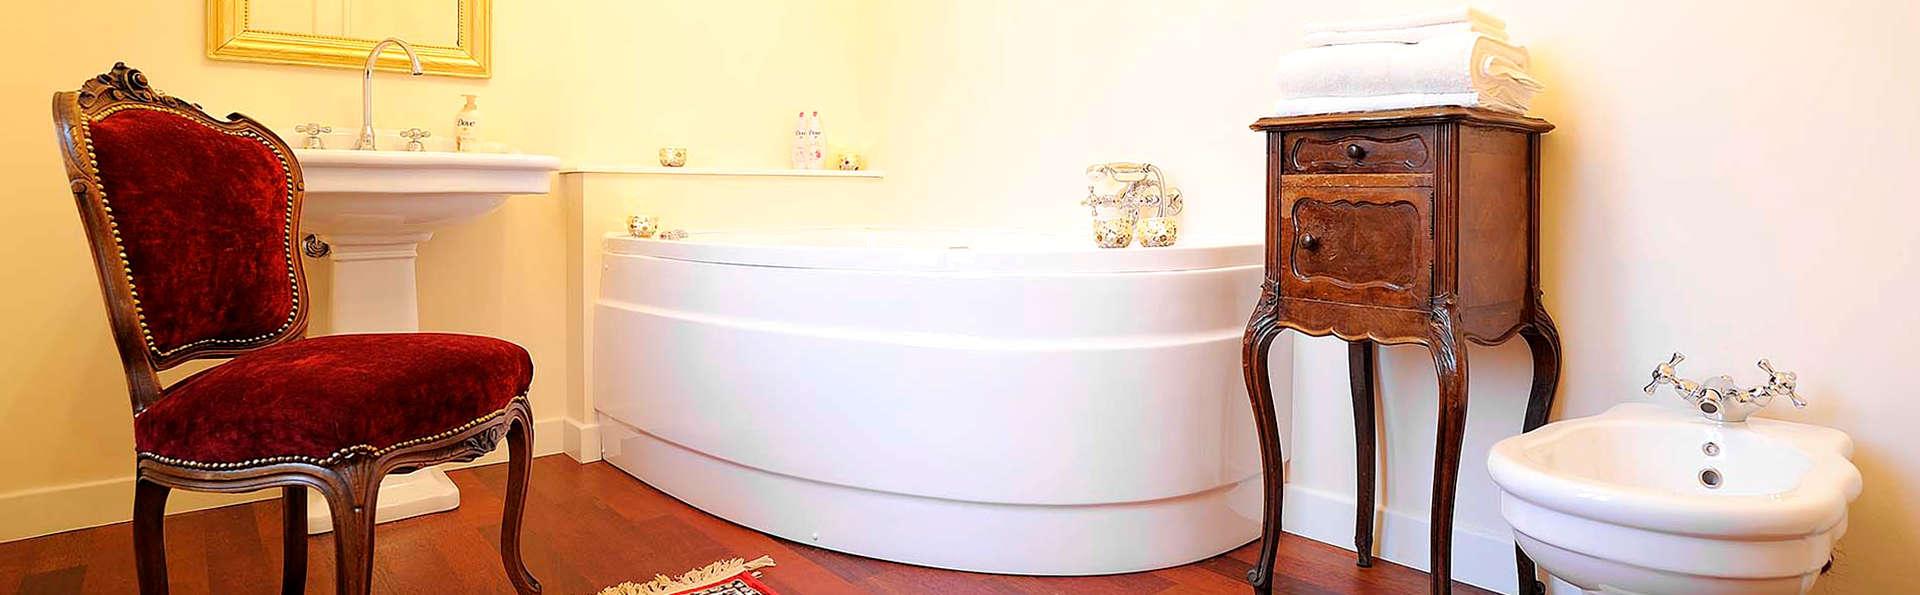 Séjour romantique avec jacuzzi dans la chambre dans une demeure historique